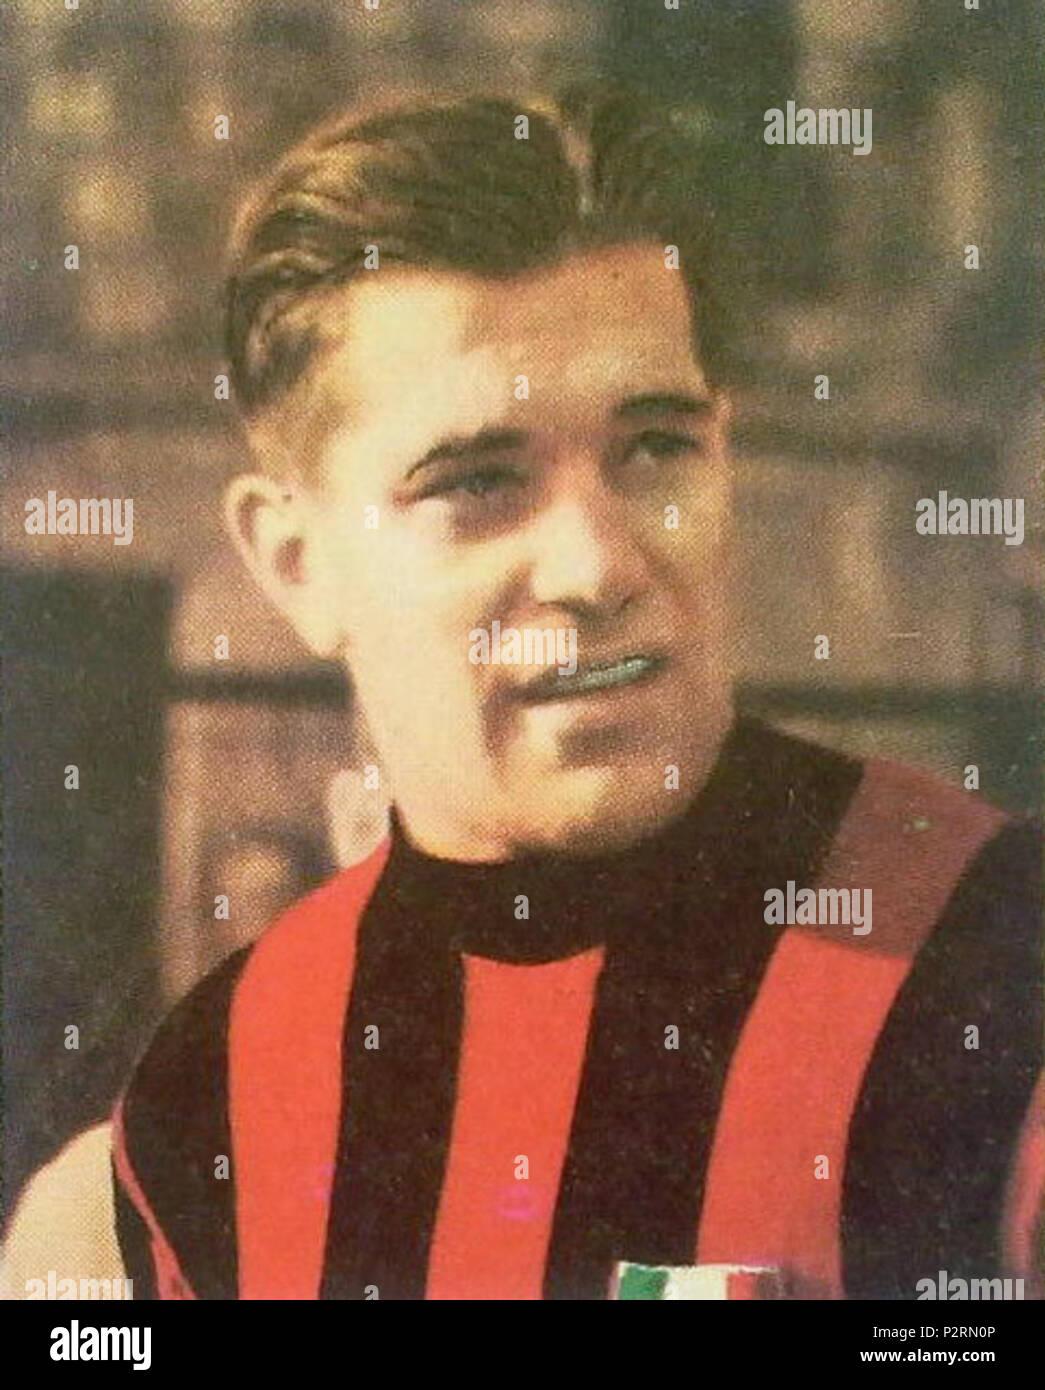 . Italiano: Il calciatore svedese Gunnar Nordahl al Milan nella prima metà degli anni 50 del XX secolo. Entre 1951 et 1956. Inconnu 38 Gunnar Nordahl - AC Milan Photo Stock